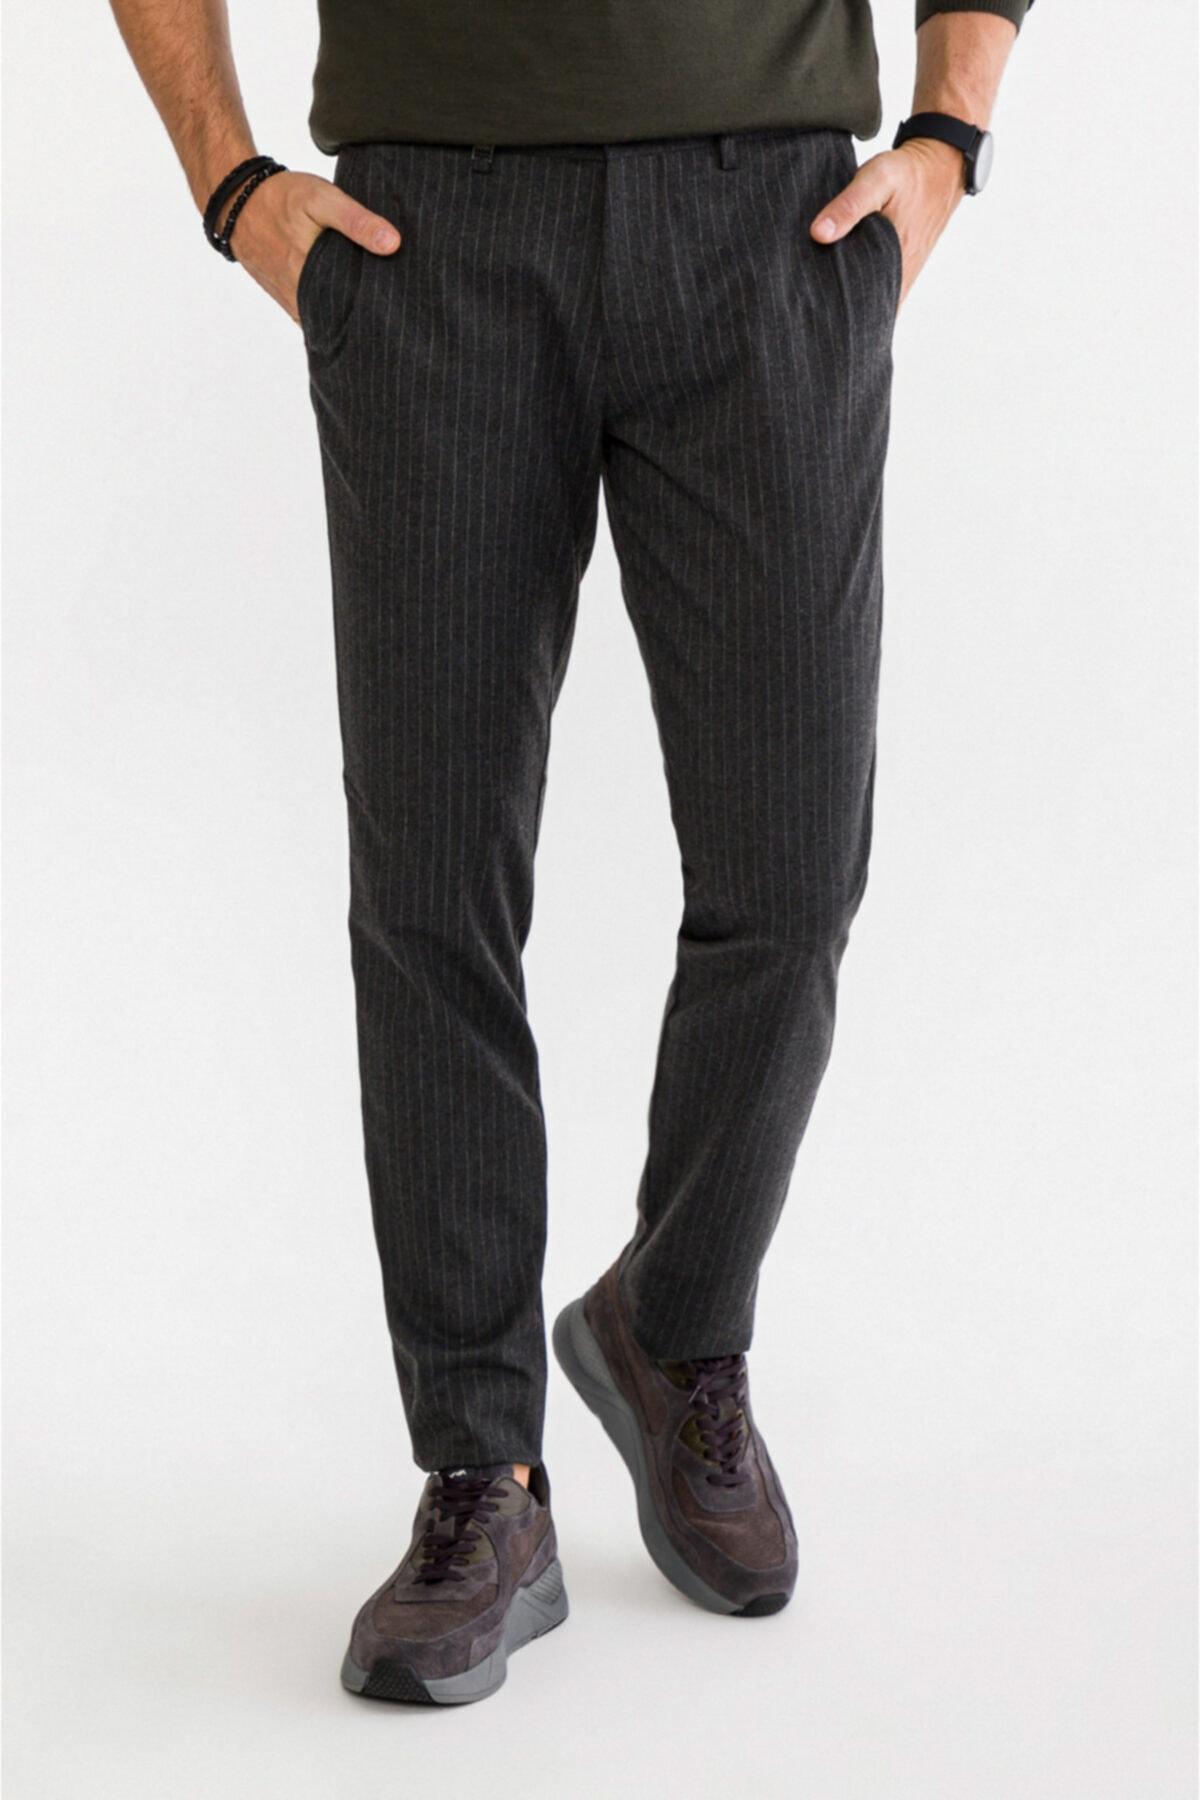 Avva Erkek Antrasit Yandan Cepli Çizgili Slim Fit Kumaş Pantolon A92y3012 1